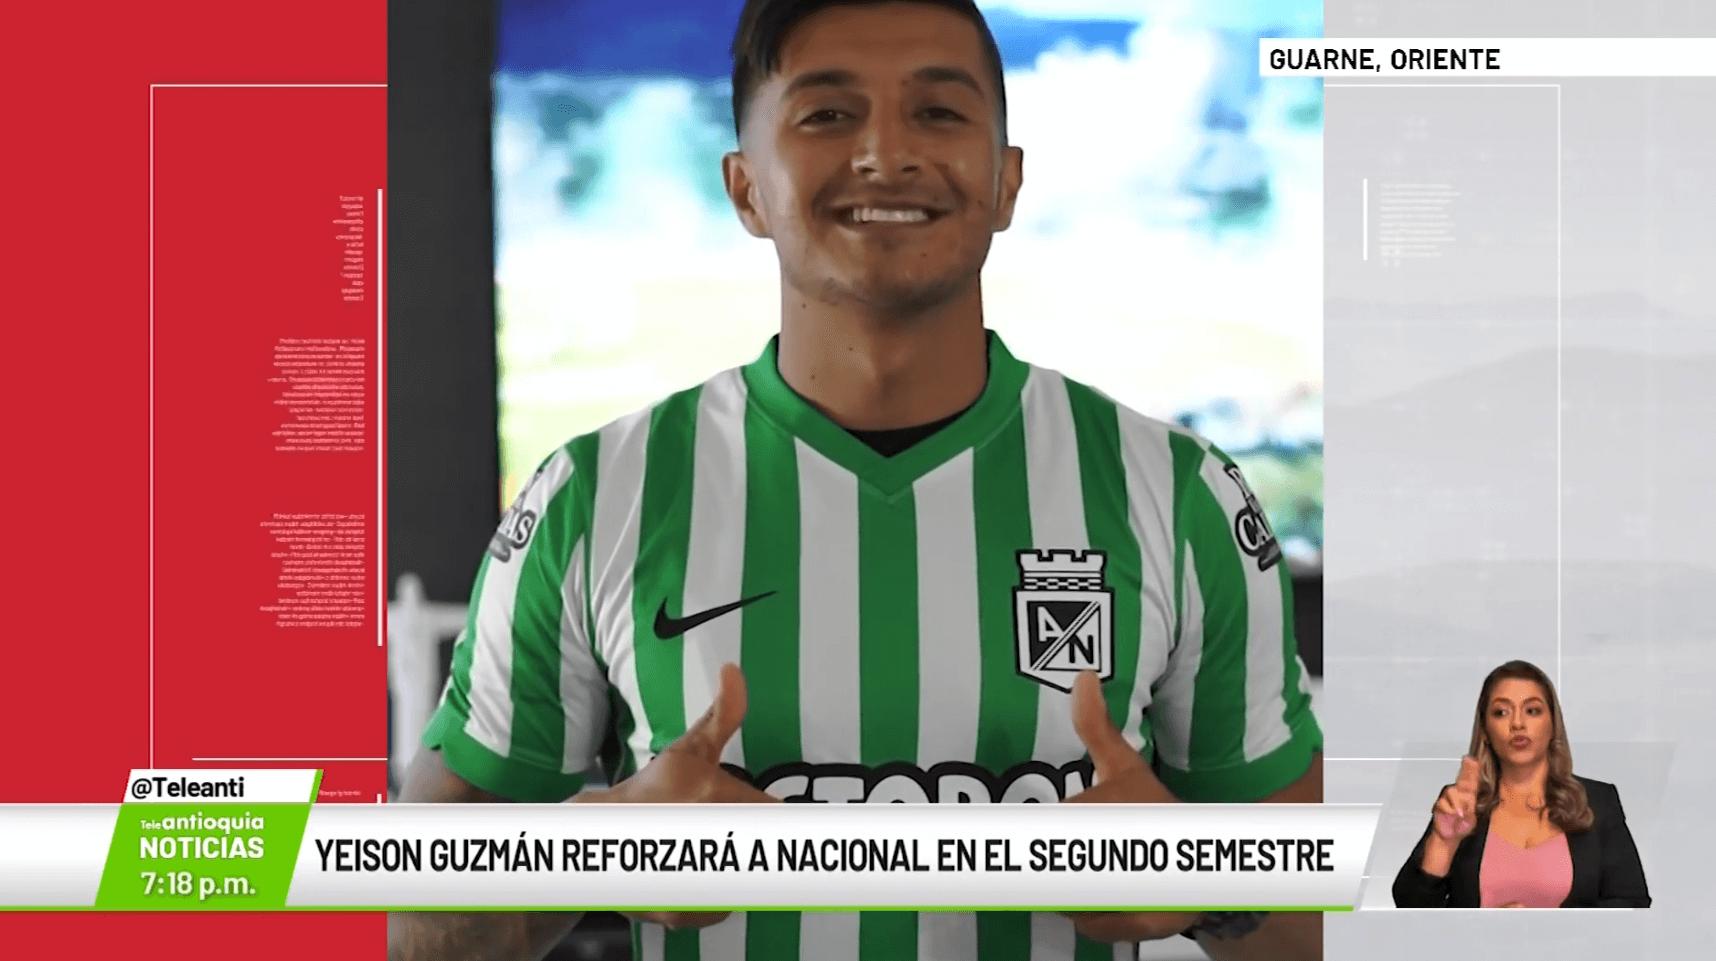 Yeison Guzmán reforzará a Nacional en el segundo semestre